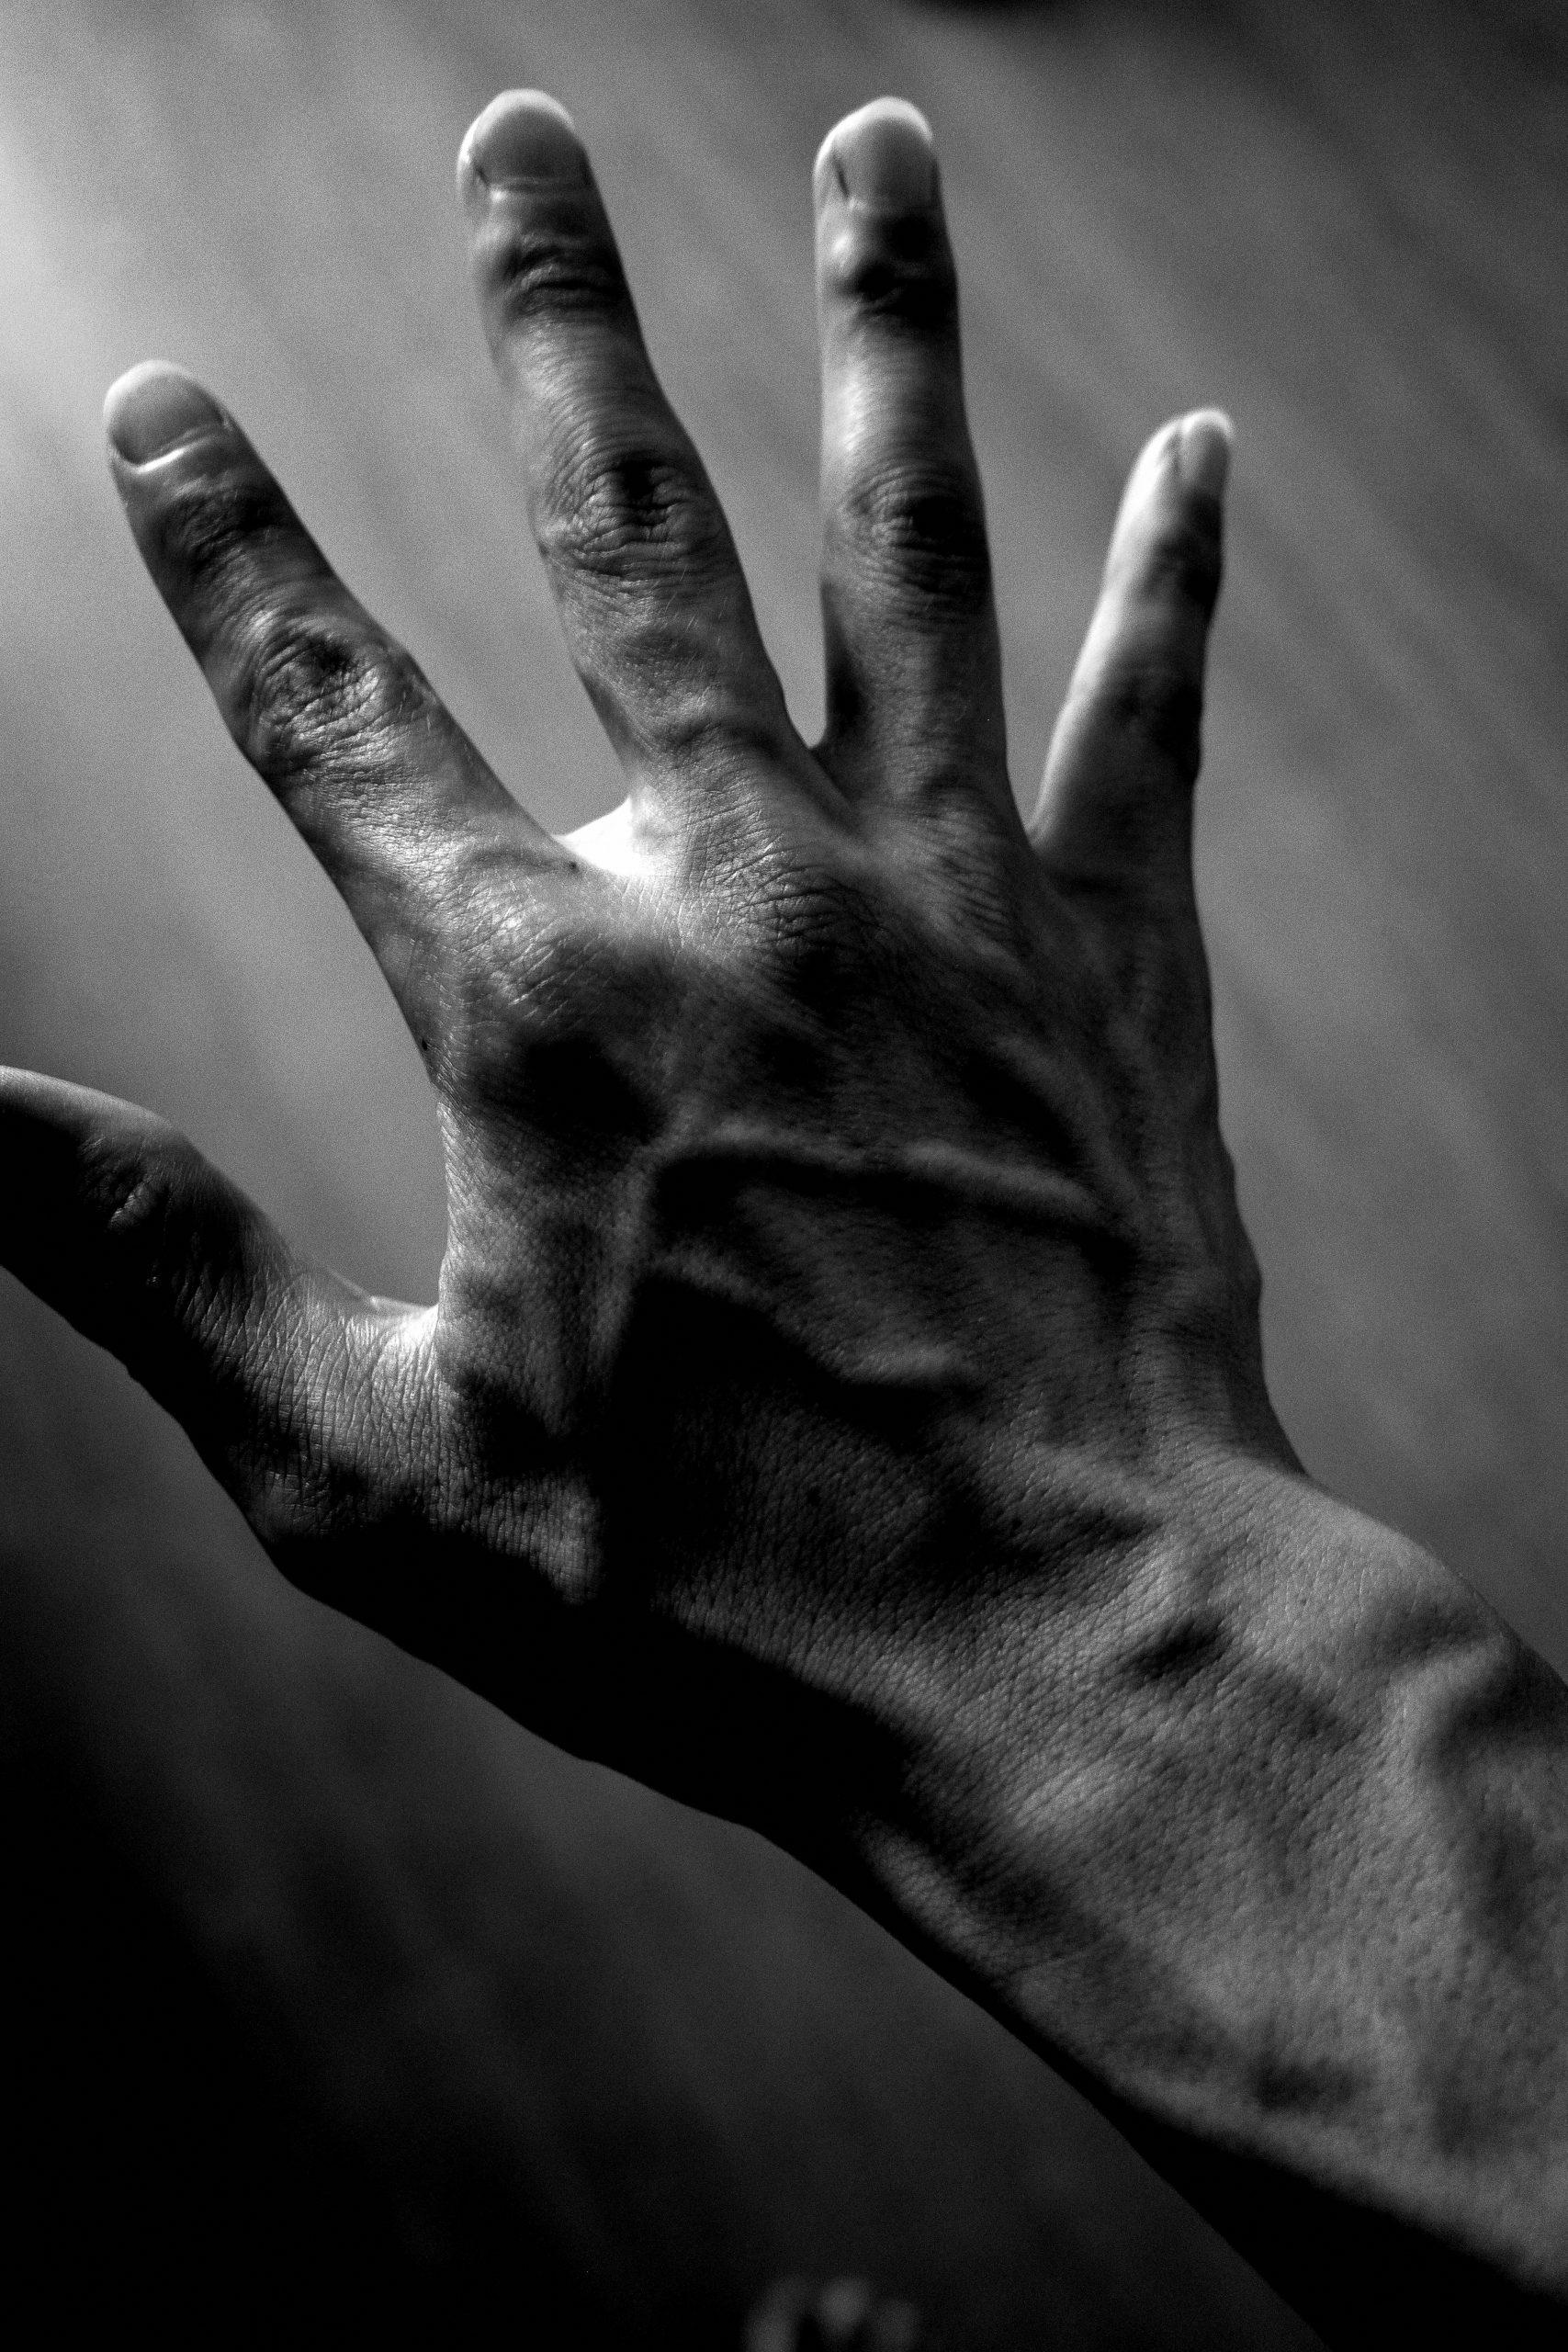 hand ERIC KIM vein black and white